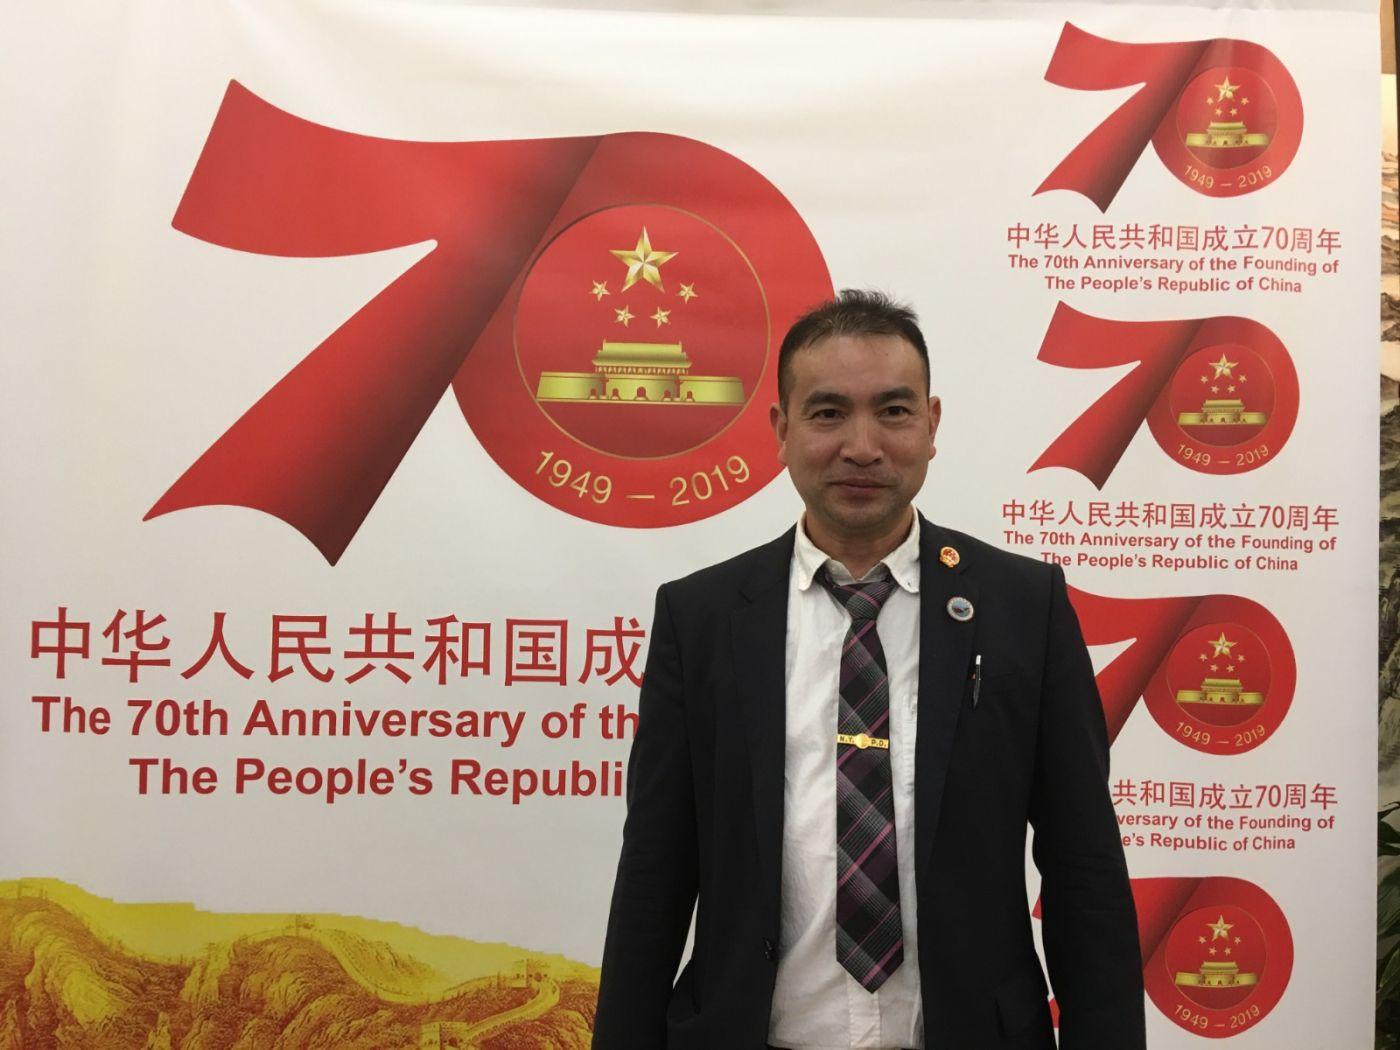 中国驻纽约总领事馆舉辦庆祝建国70周年招待會_图1-45